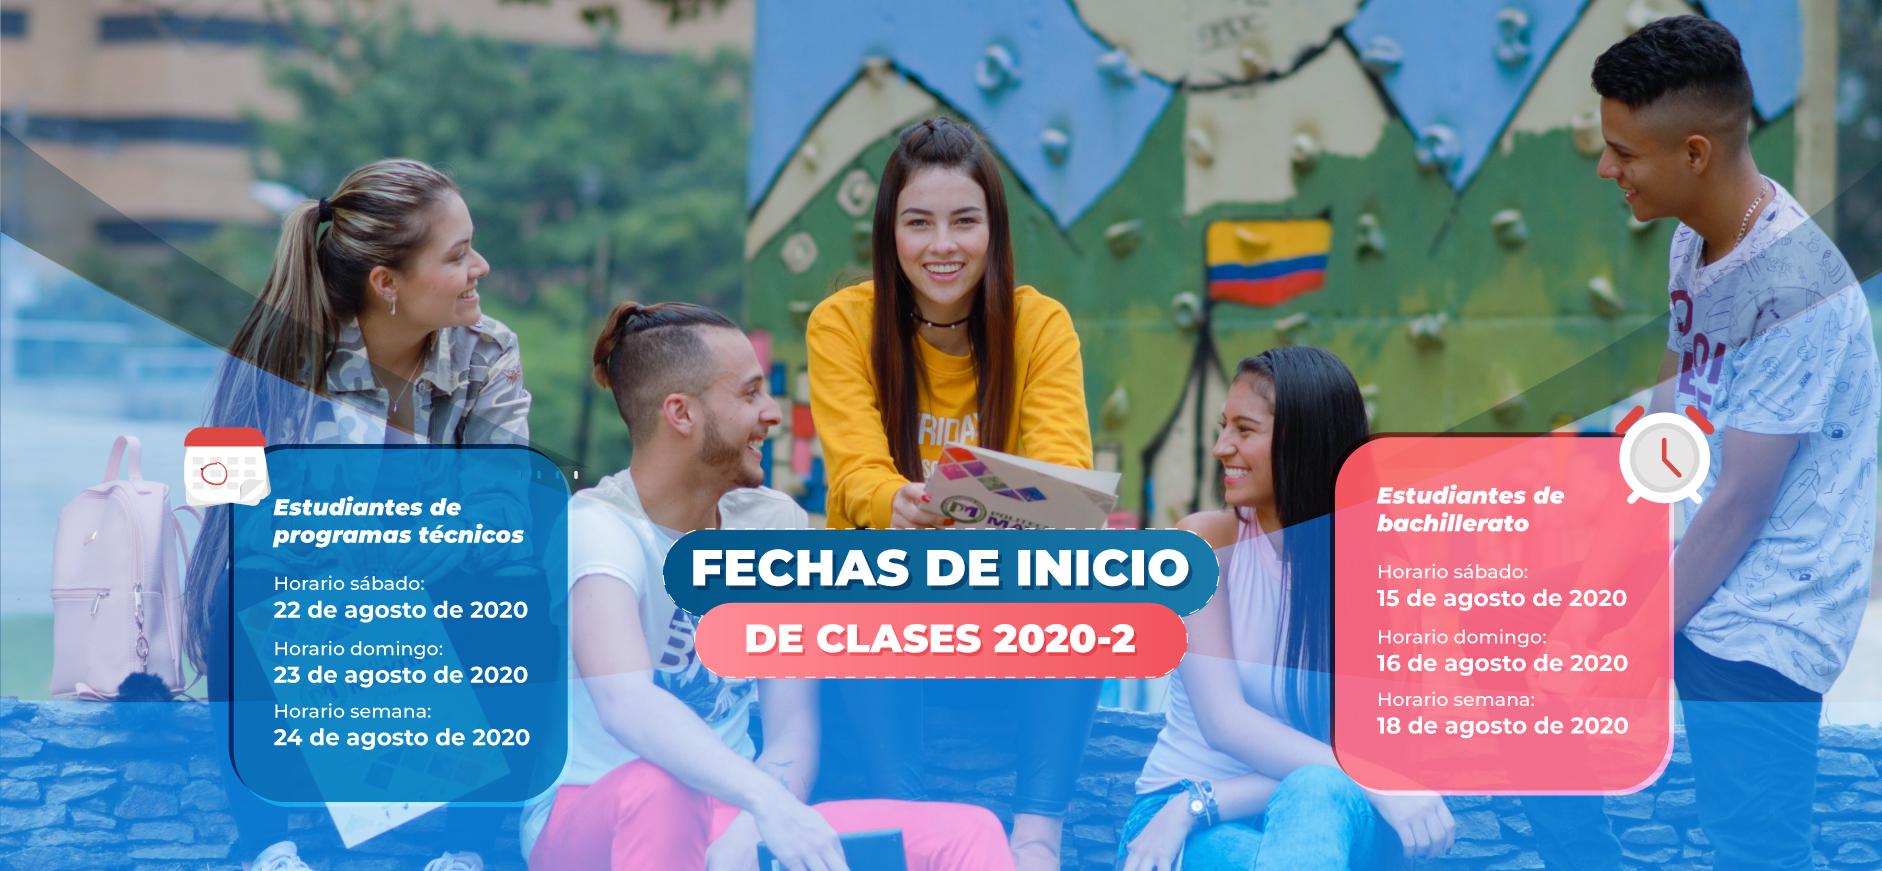 inicio-de-clases-2020-2